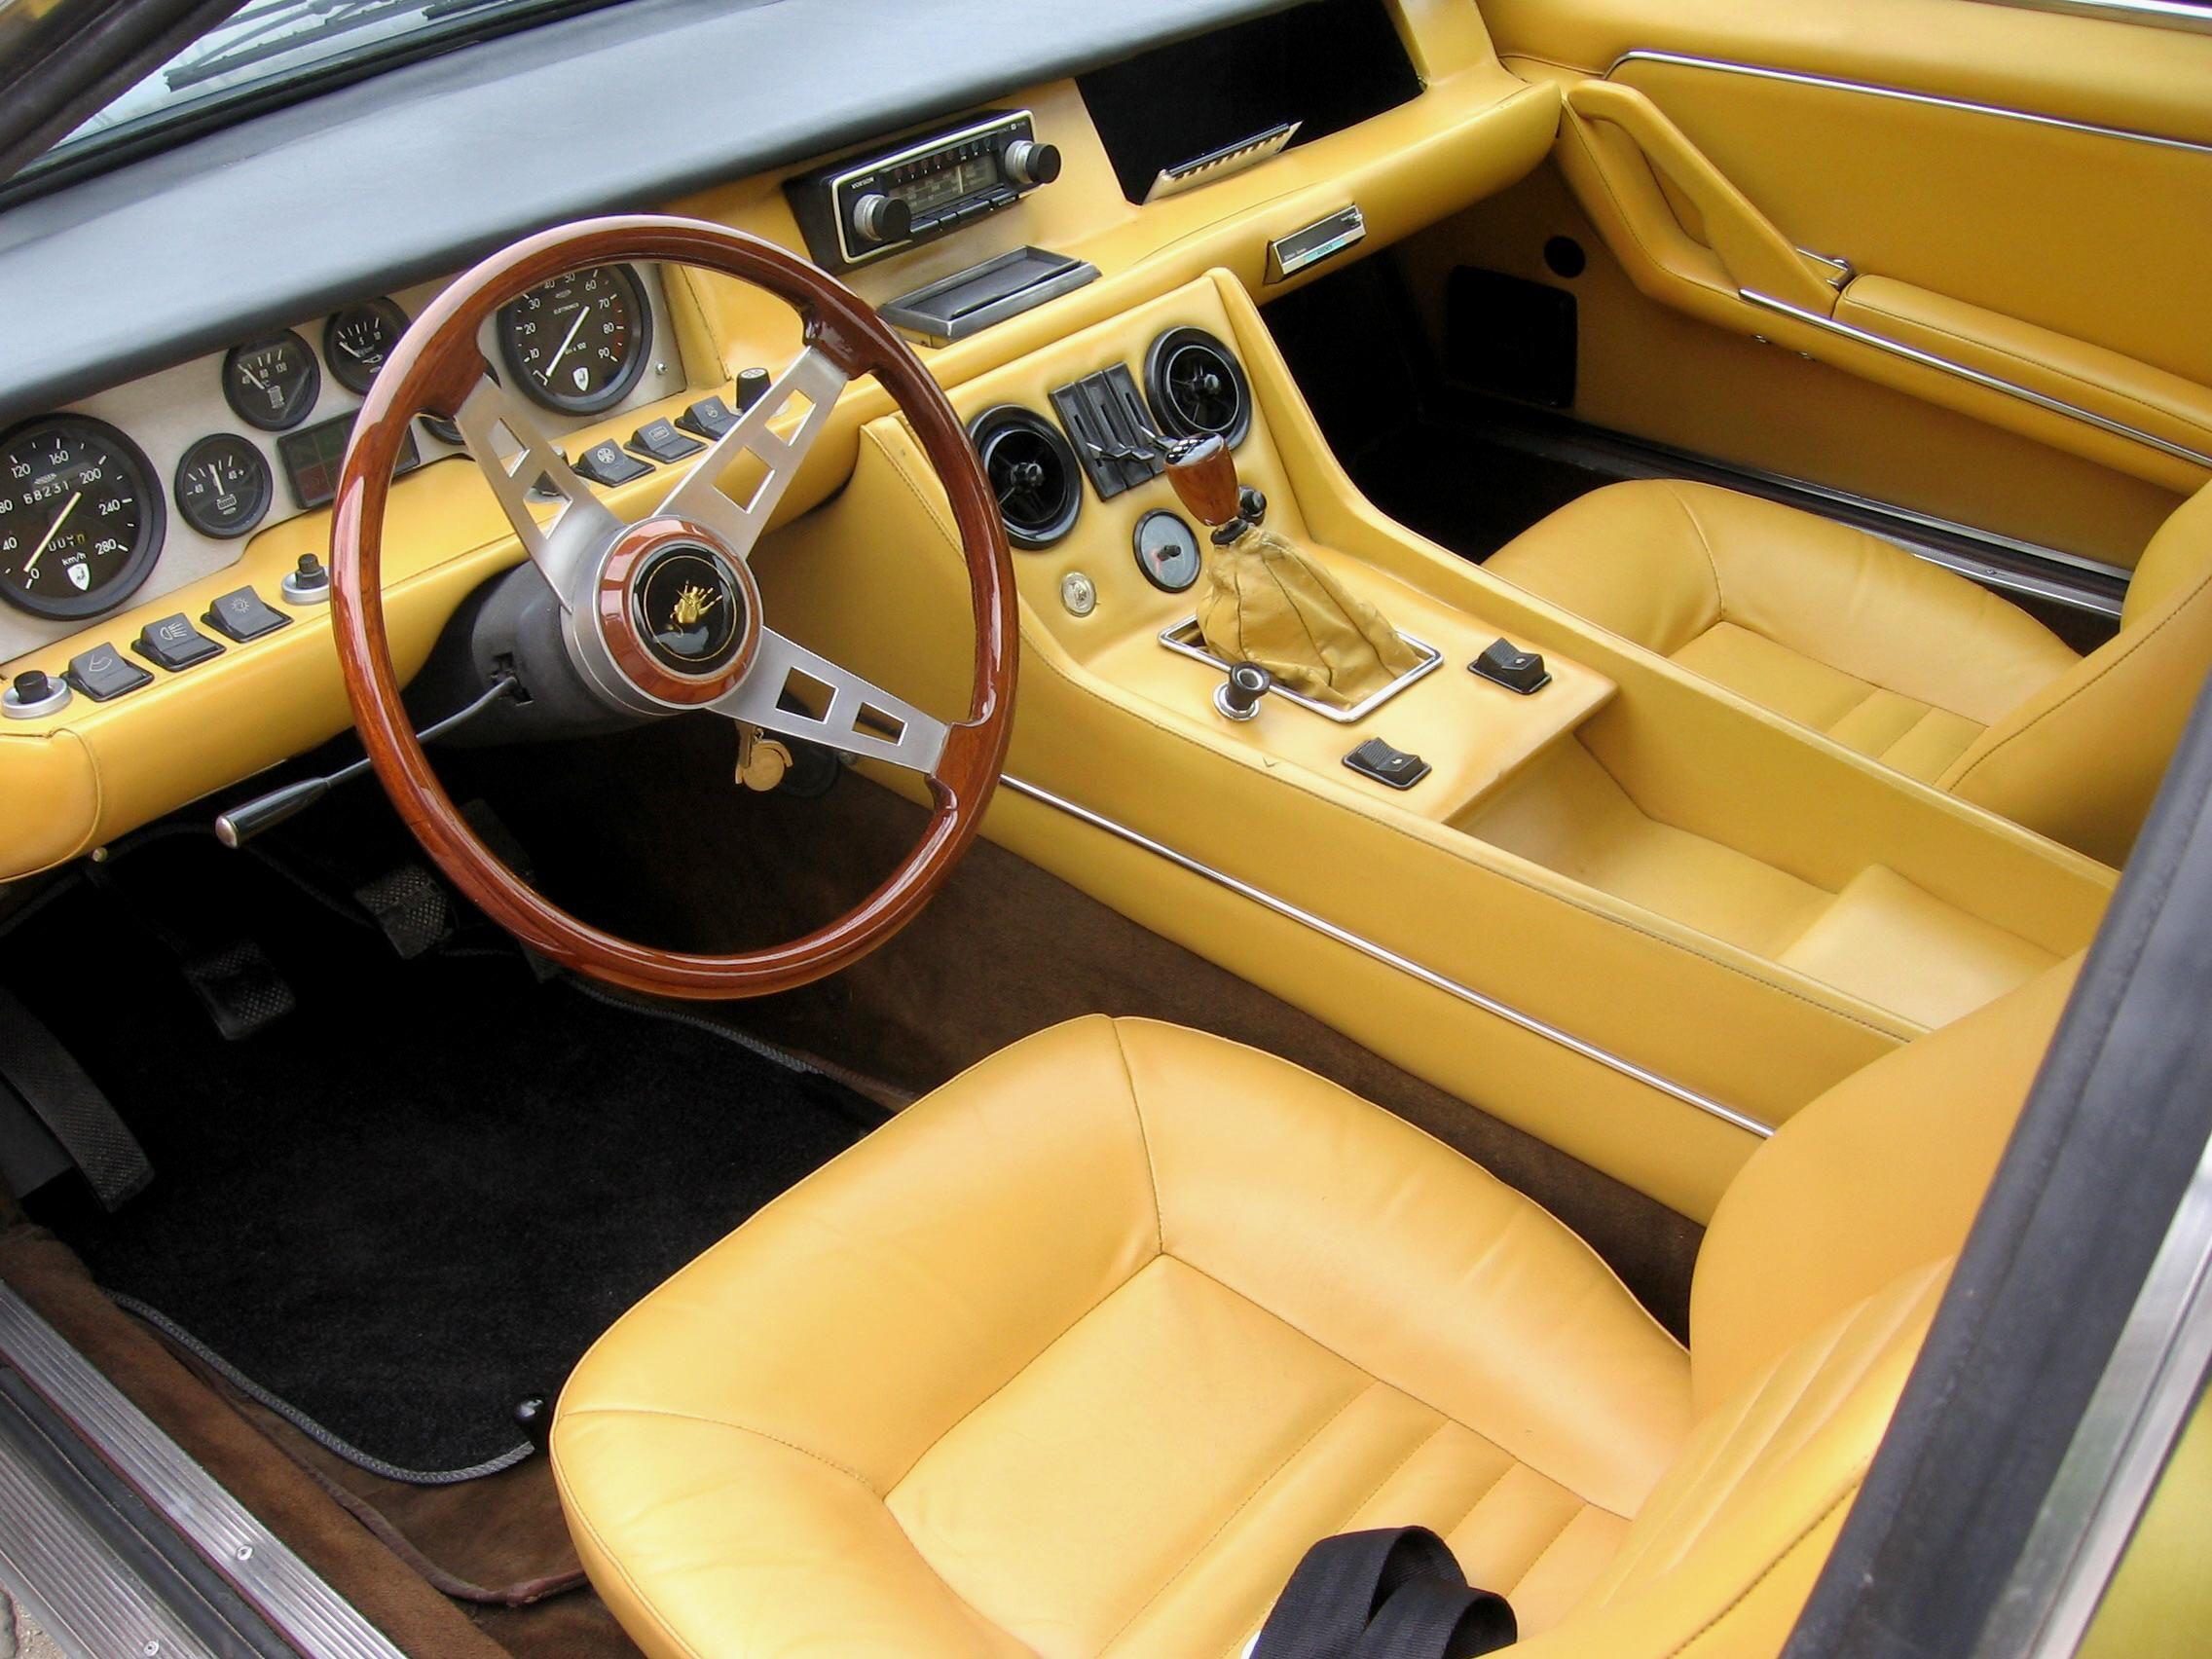 Lamborghini Jarama Interior Lgmsports Com Lamborghini Jarama